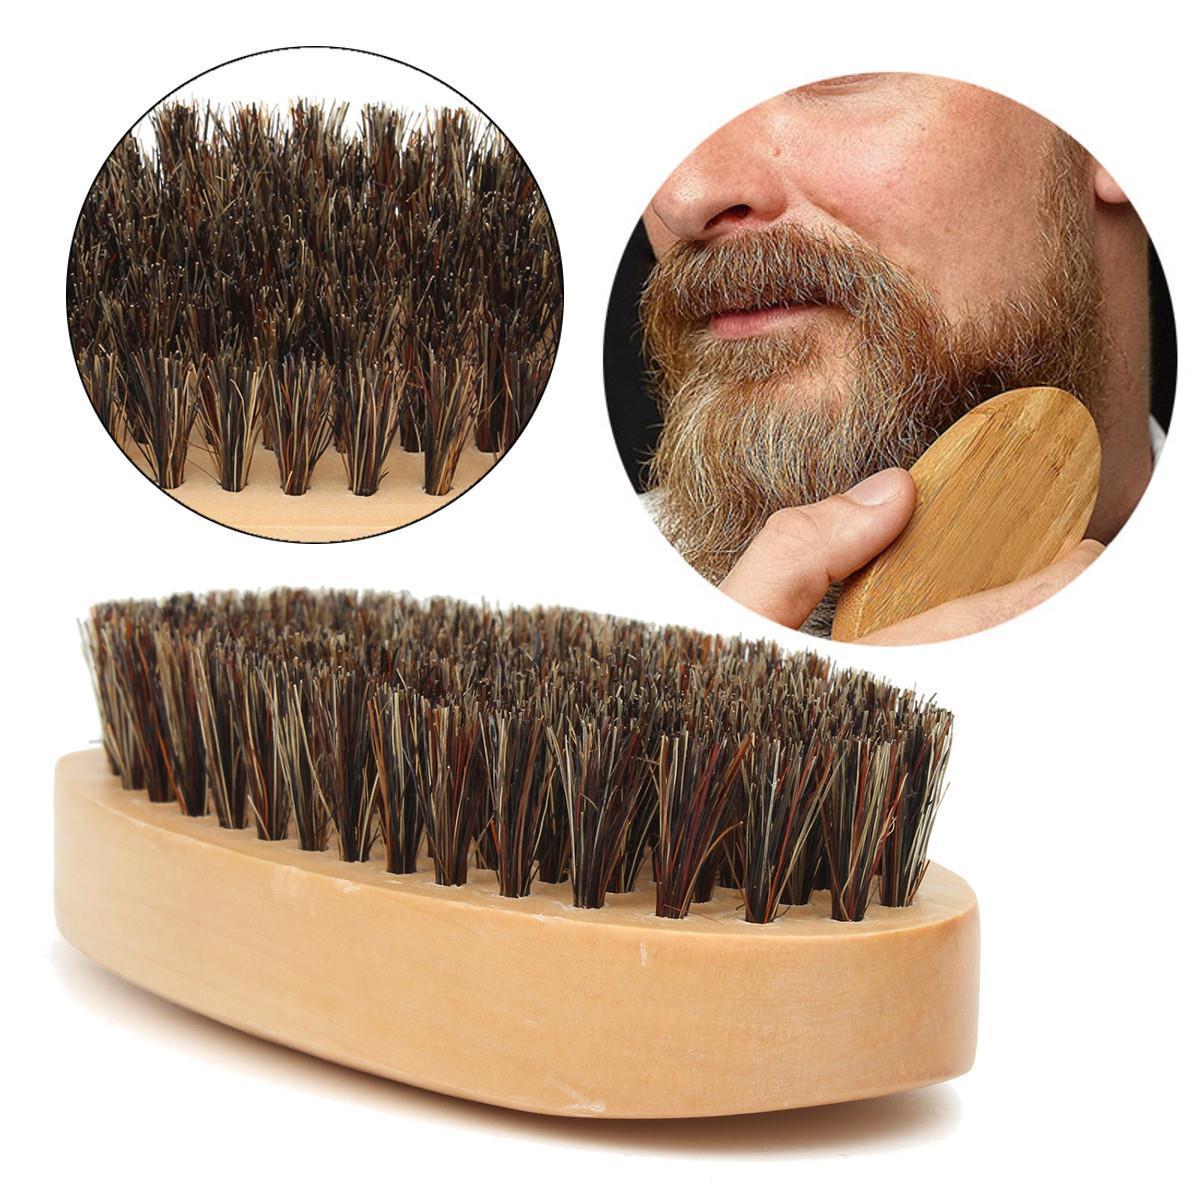 Moustache Pinceau Barbe Poils Ronds Poils Naturels Poils Ronds Visage Hommes Visage Poils pour le Visage Poils de Barbe Rasage Rasage Brosses